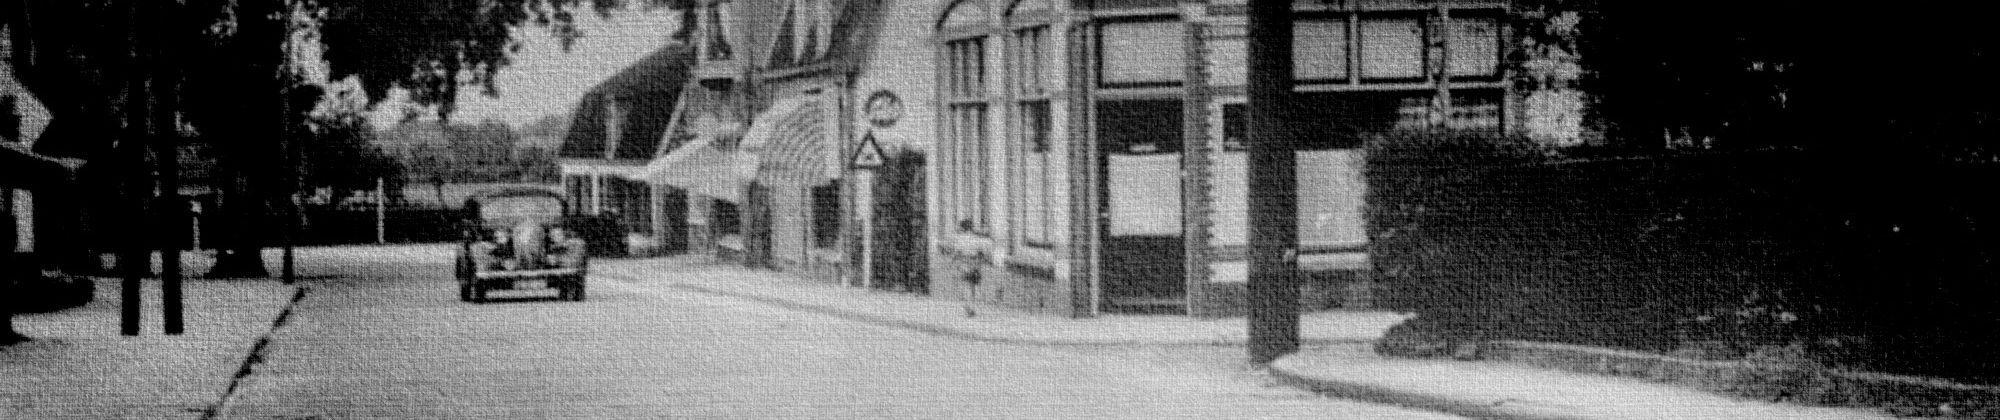 Firma A. Benning aan de F.C. Kuyperstraat.